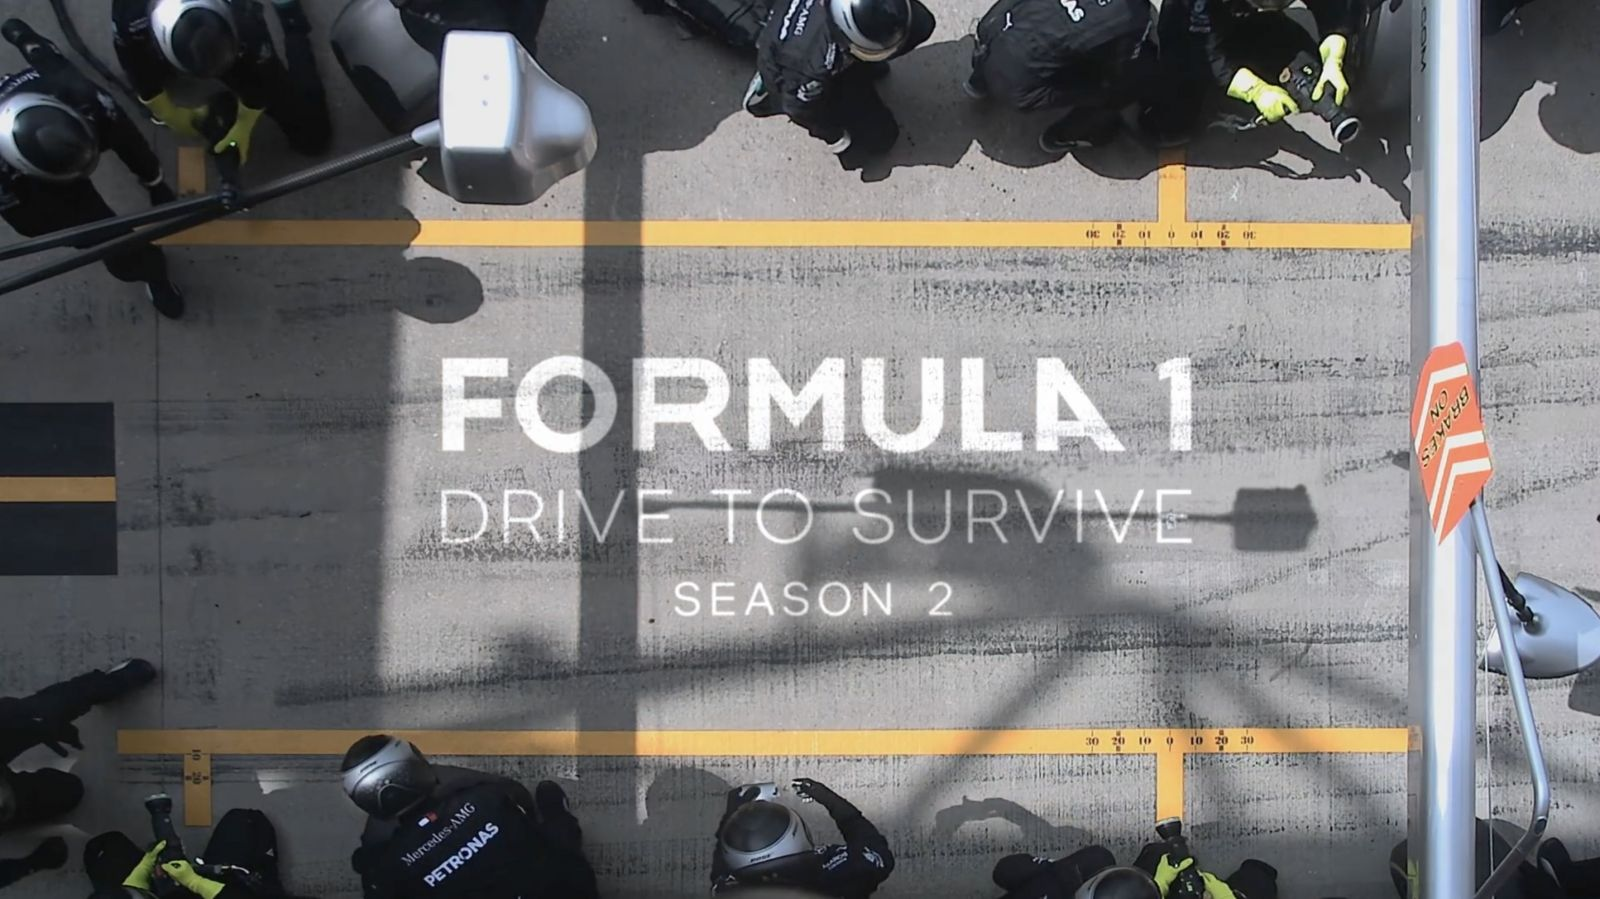 Recenzia: Formula 1: Drive to Survive (2. séria) je najlepší športový dokument, aký nájdeš na Netflixe aj mimo neho